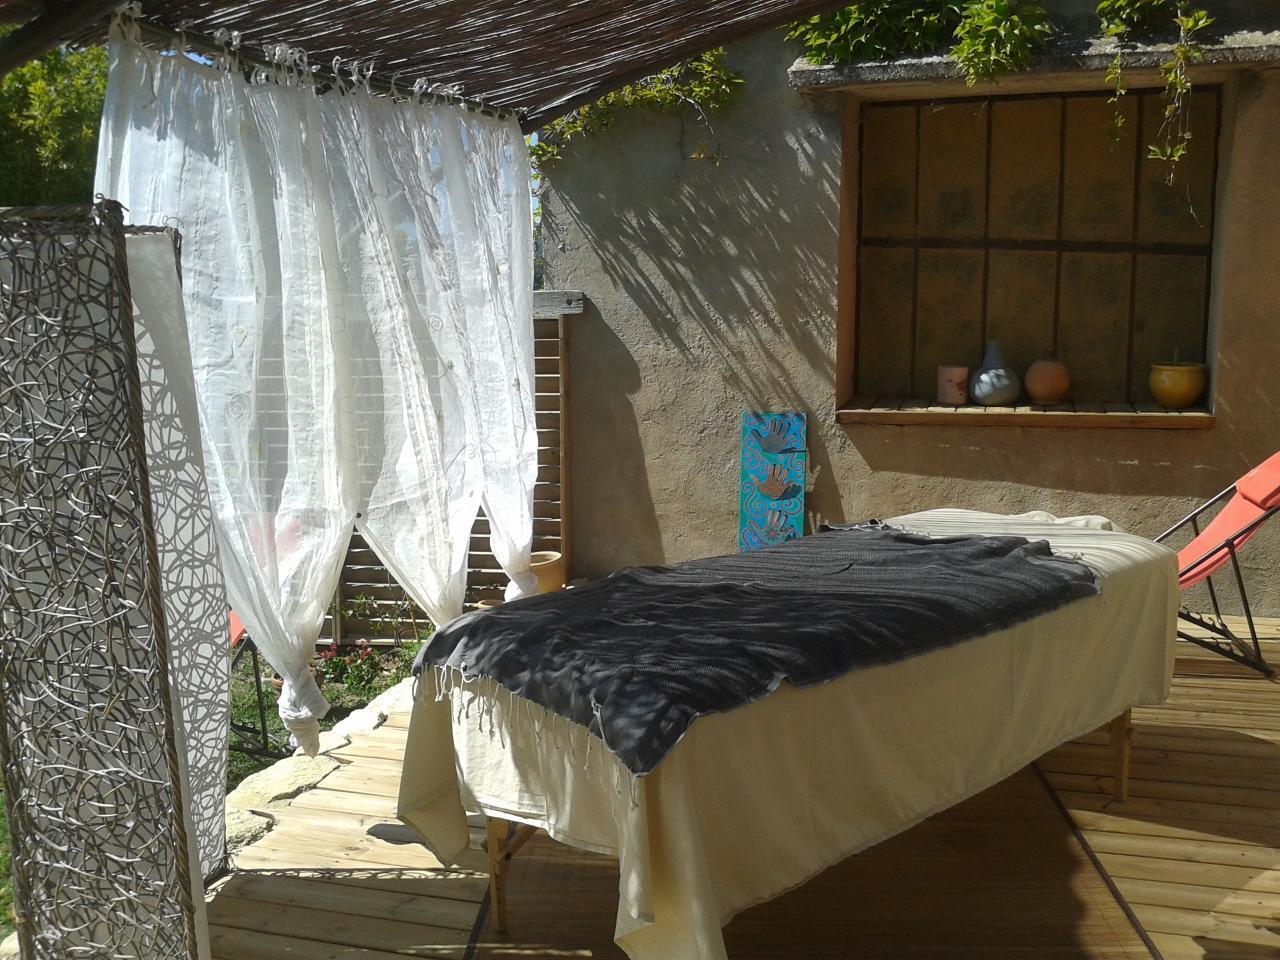 installation sur la terrasse quand le temps le permet